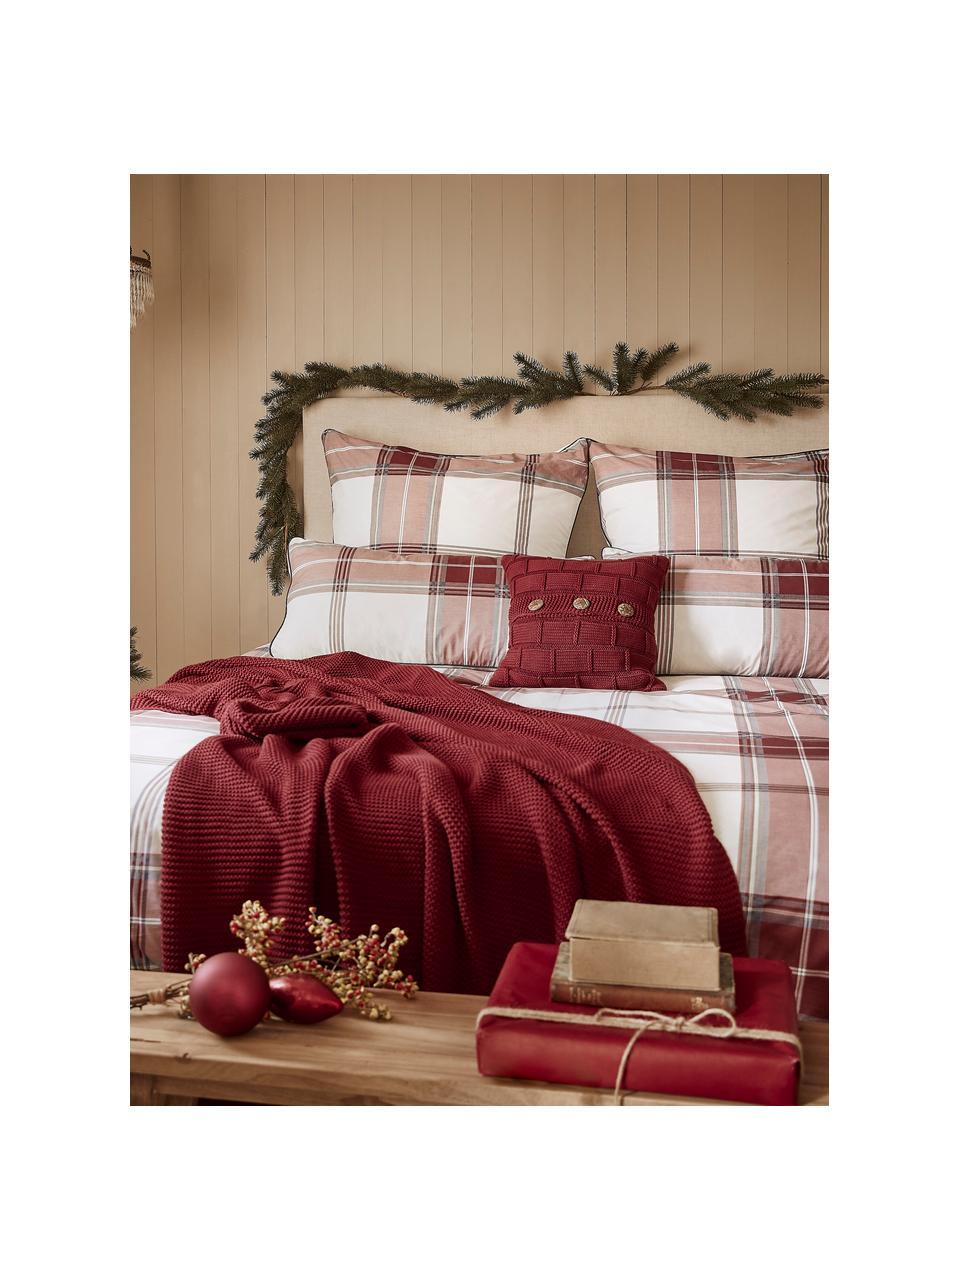 Coperta a maglia in cotone biologico rosso scuro Adalyn, 100% cotone biologico, certificato GOTS, Rosso scuro, Larg. 150 x Lung. 200 cm